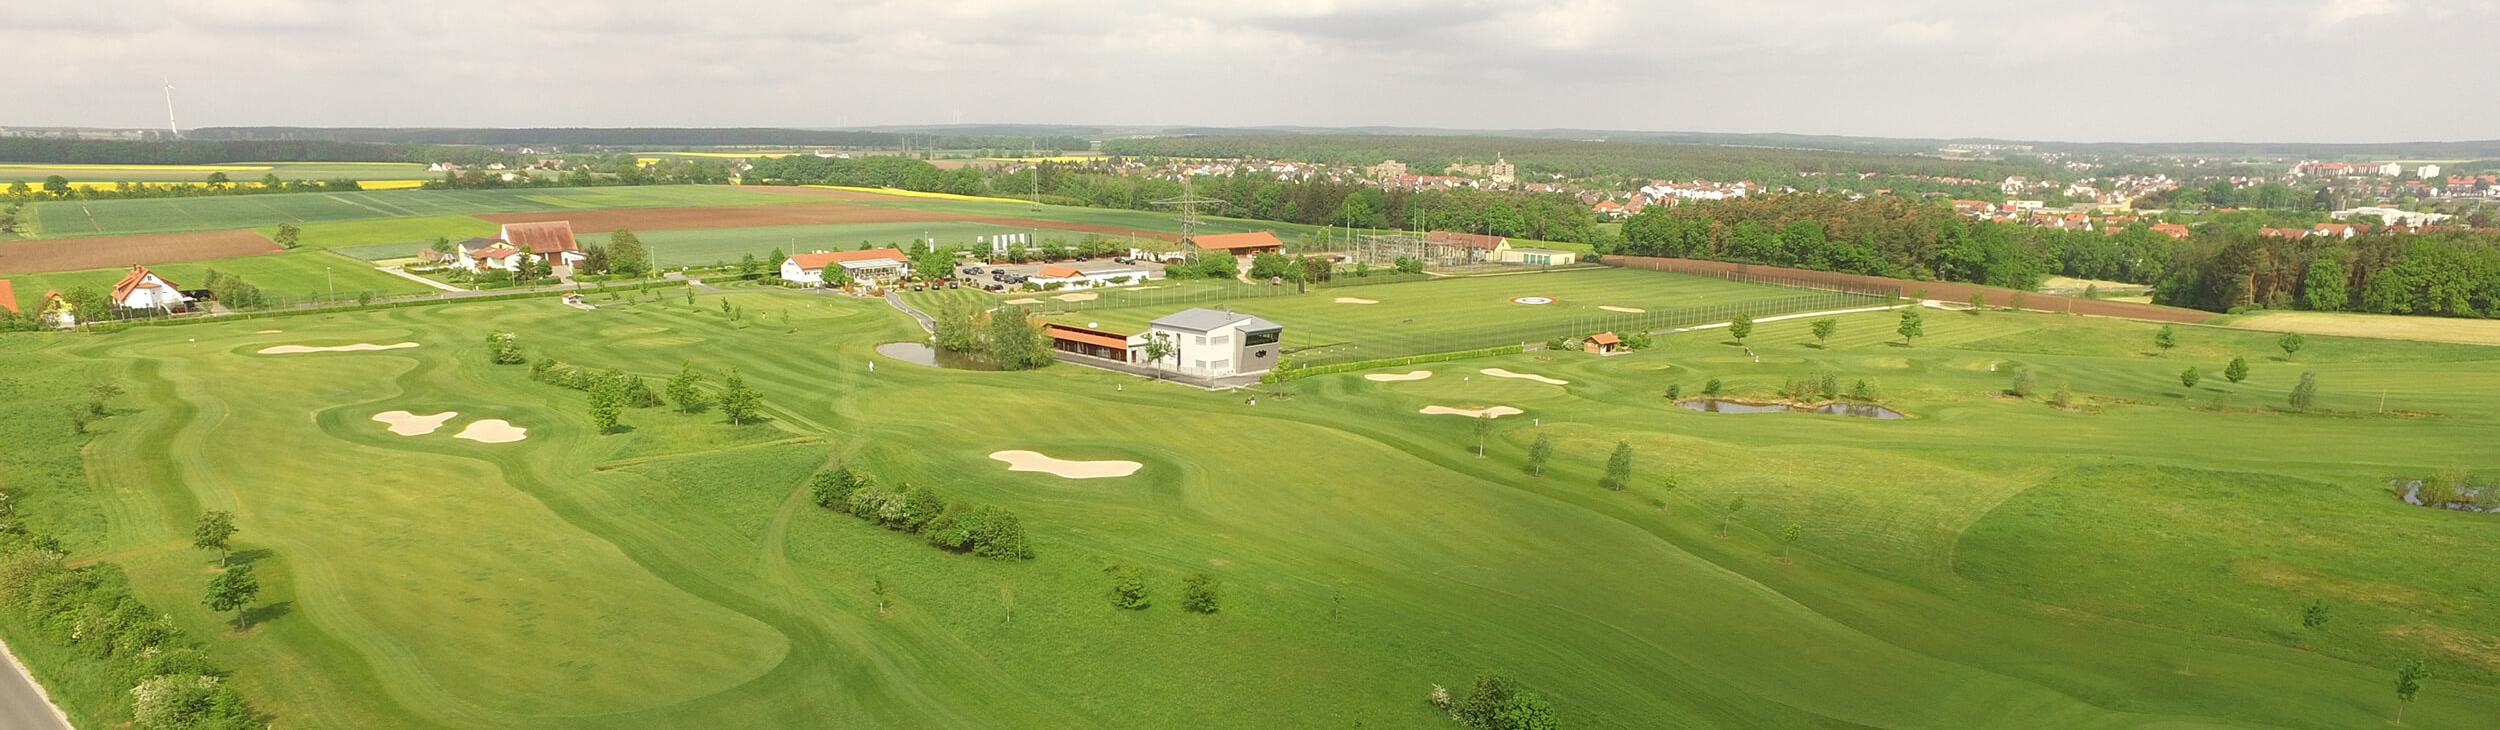 Golf-Club Herzogenaurach | Drohnenaufnahmen